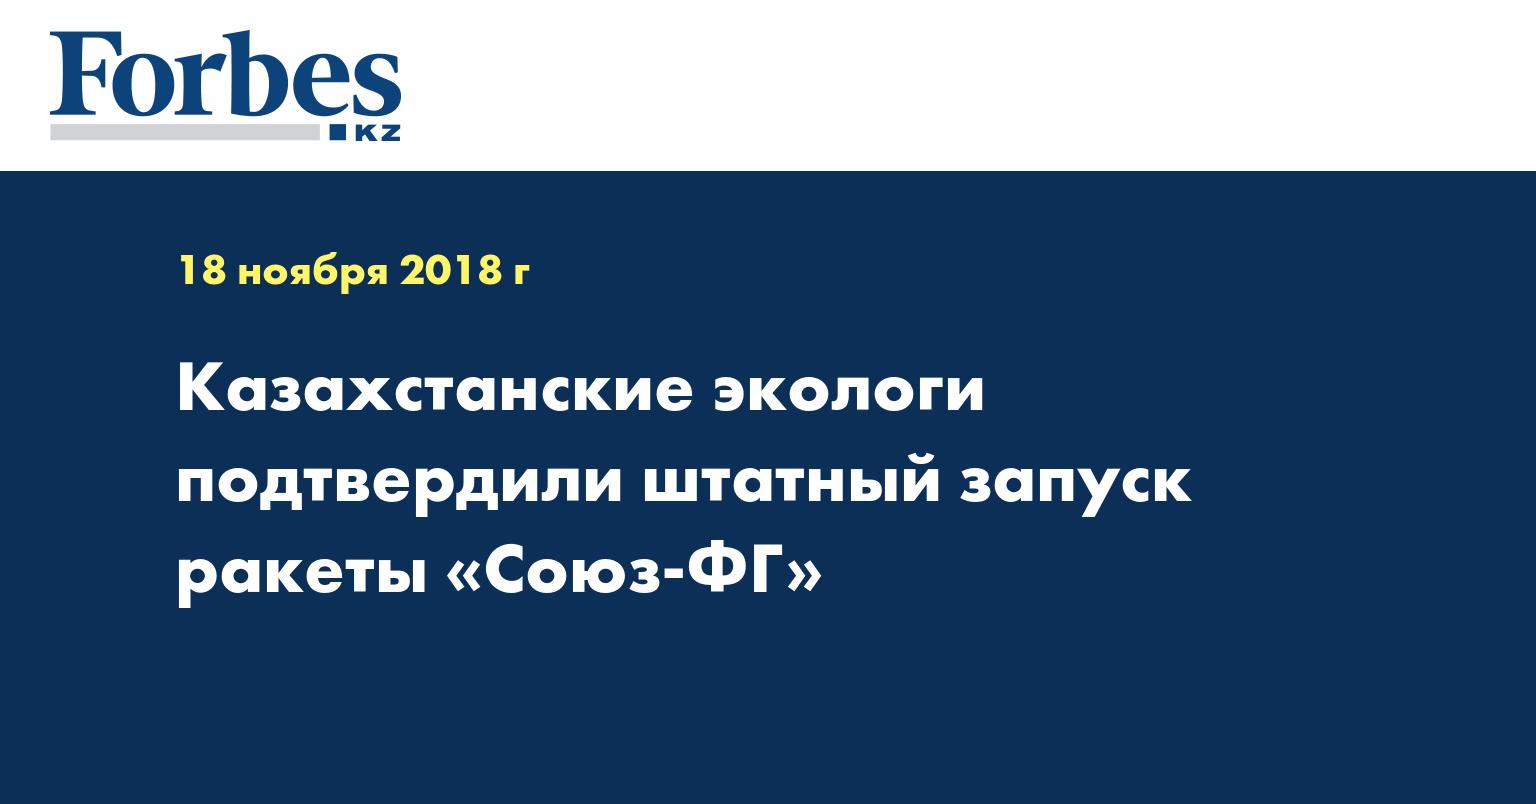 Казахстанские экологи подтвердили штатный запуск ракеты «Союз-ФГ»